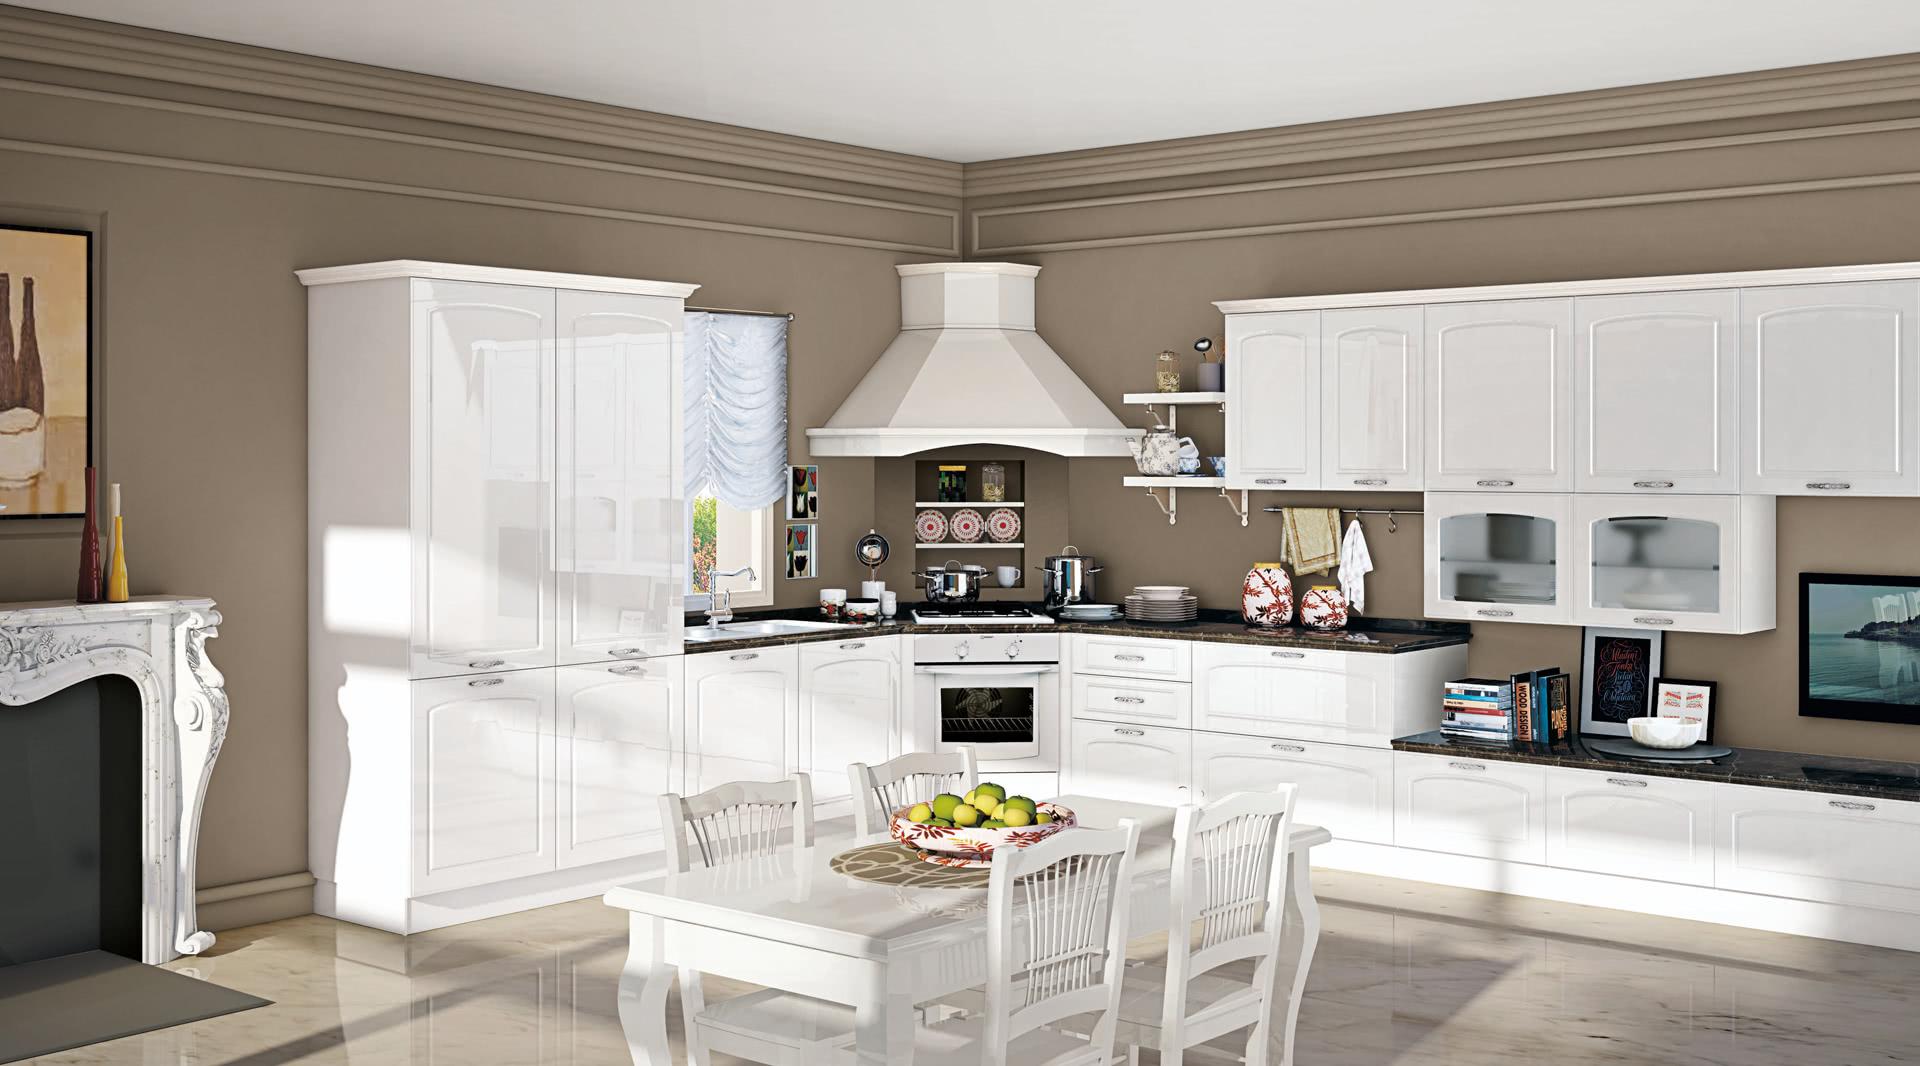 1220_elin-cucina-ambientata-1